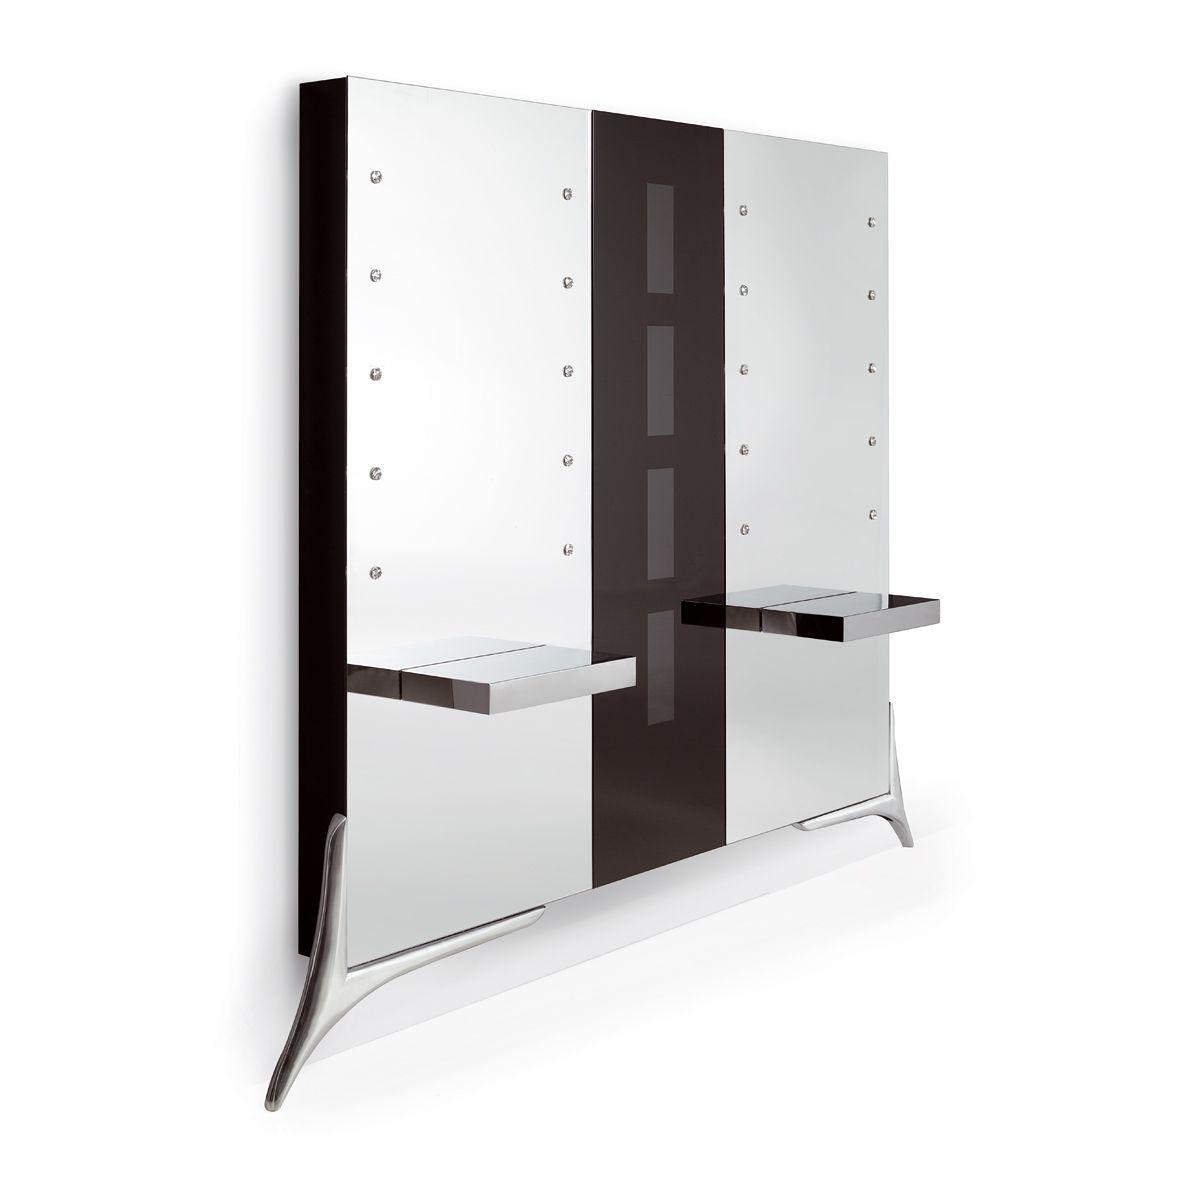 Platinette Swarovski Infinite Styling Station Mgbross Giugiaro Design Con Immagini Marcel